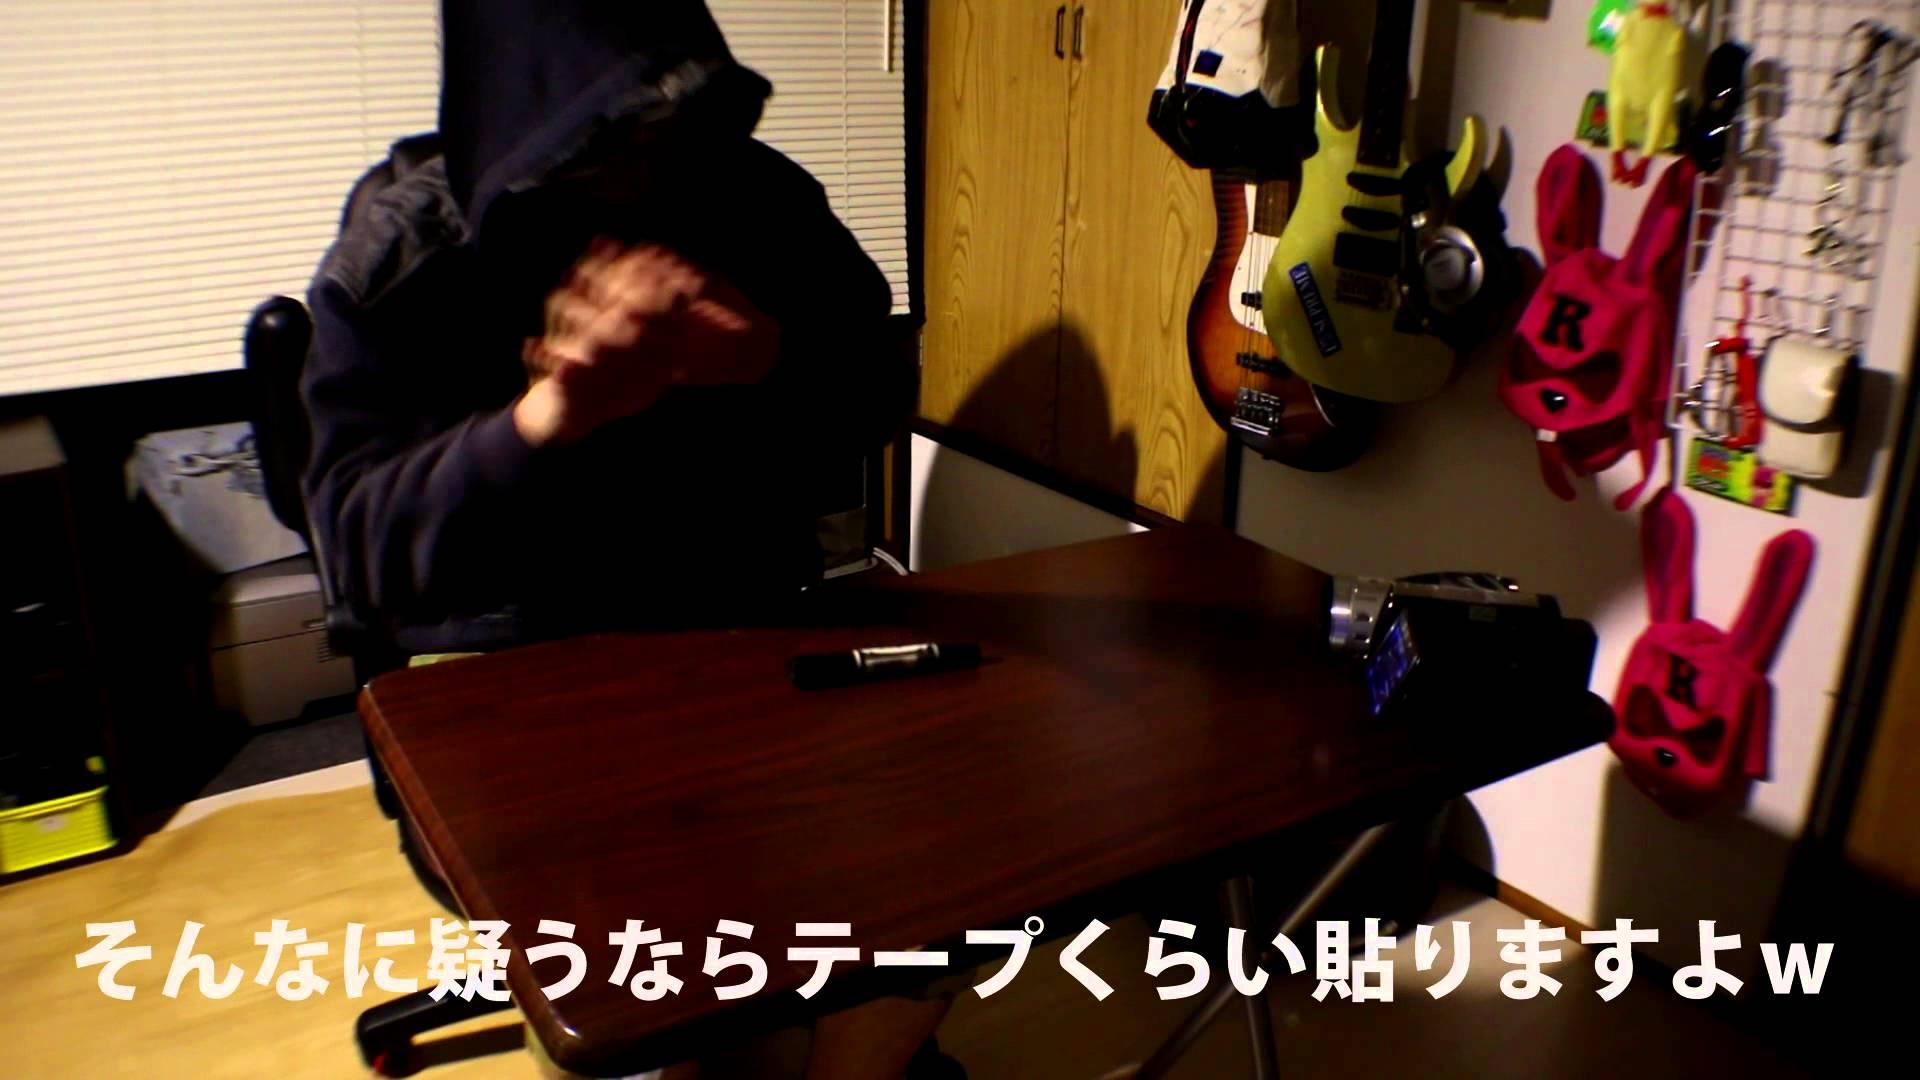 【最強超能力者】 ストコロラウド氏の再チャレンジ